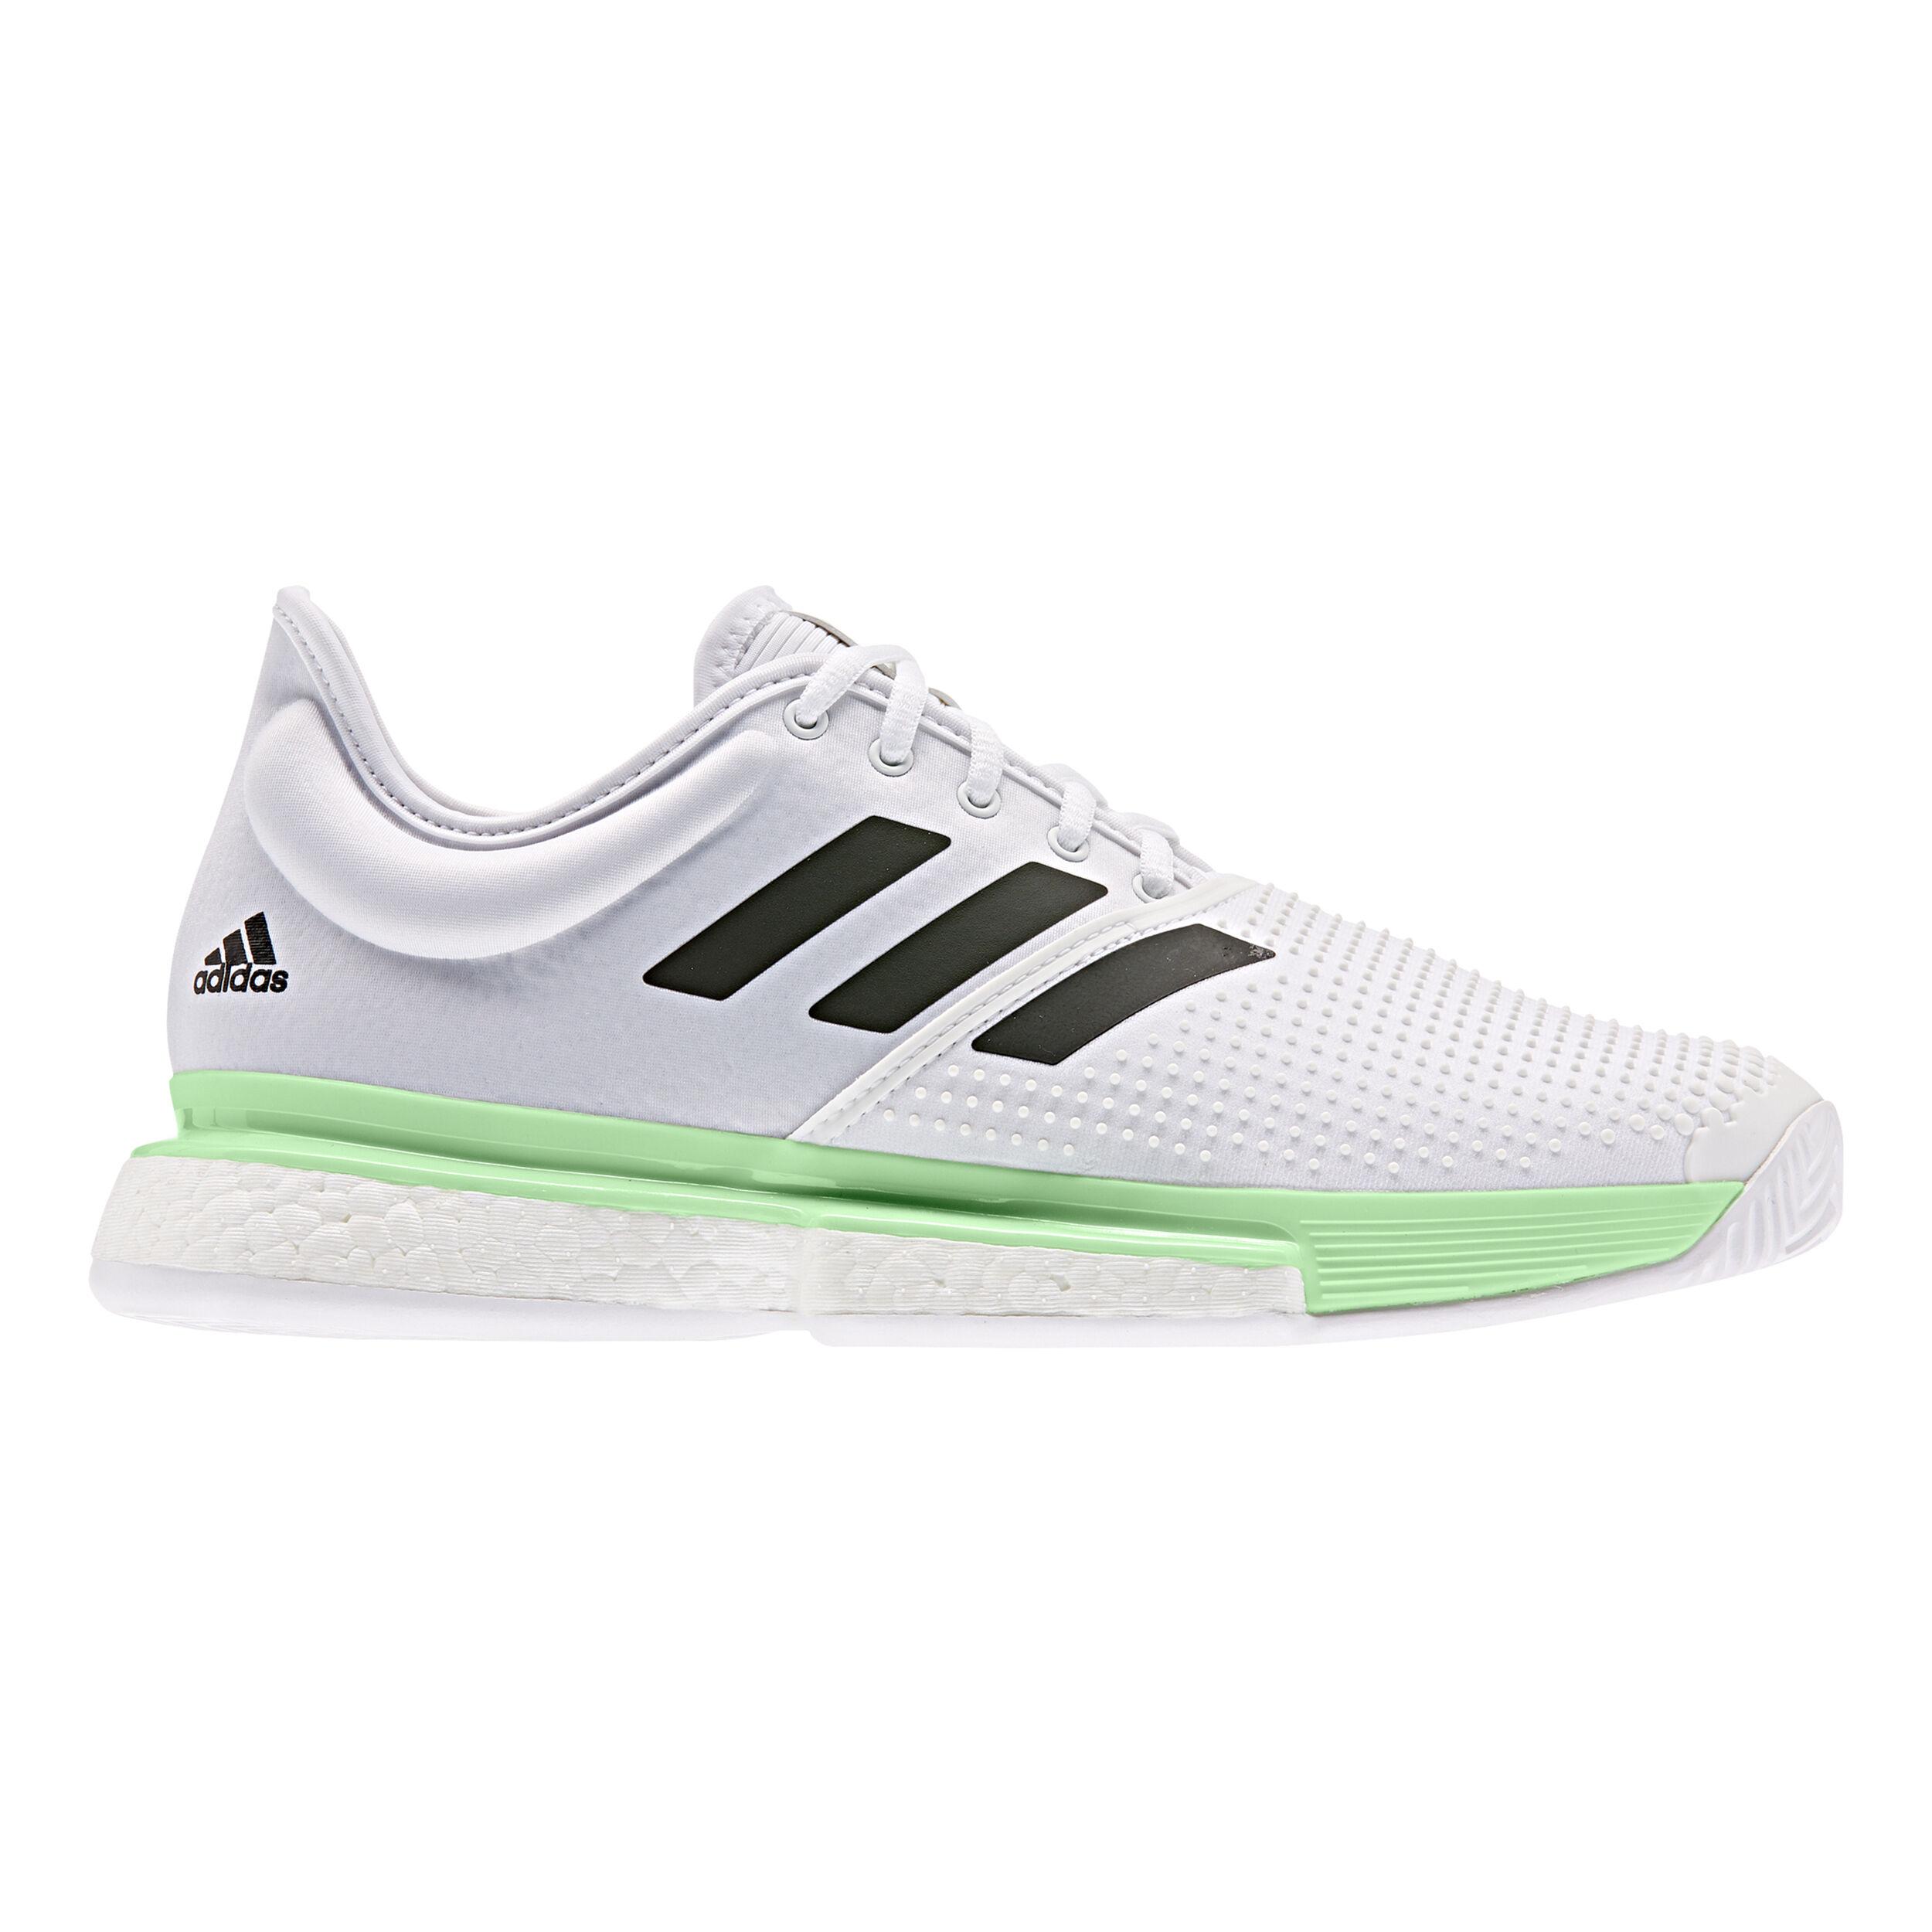 adidas Sole Court Boost Mujer Zapatillas de tenis verde